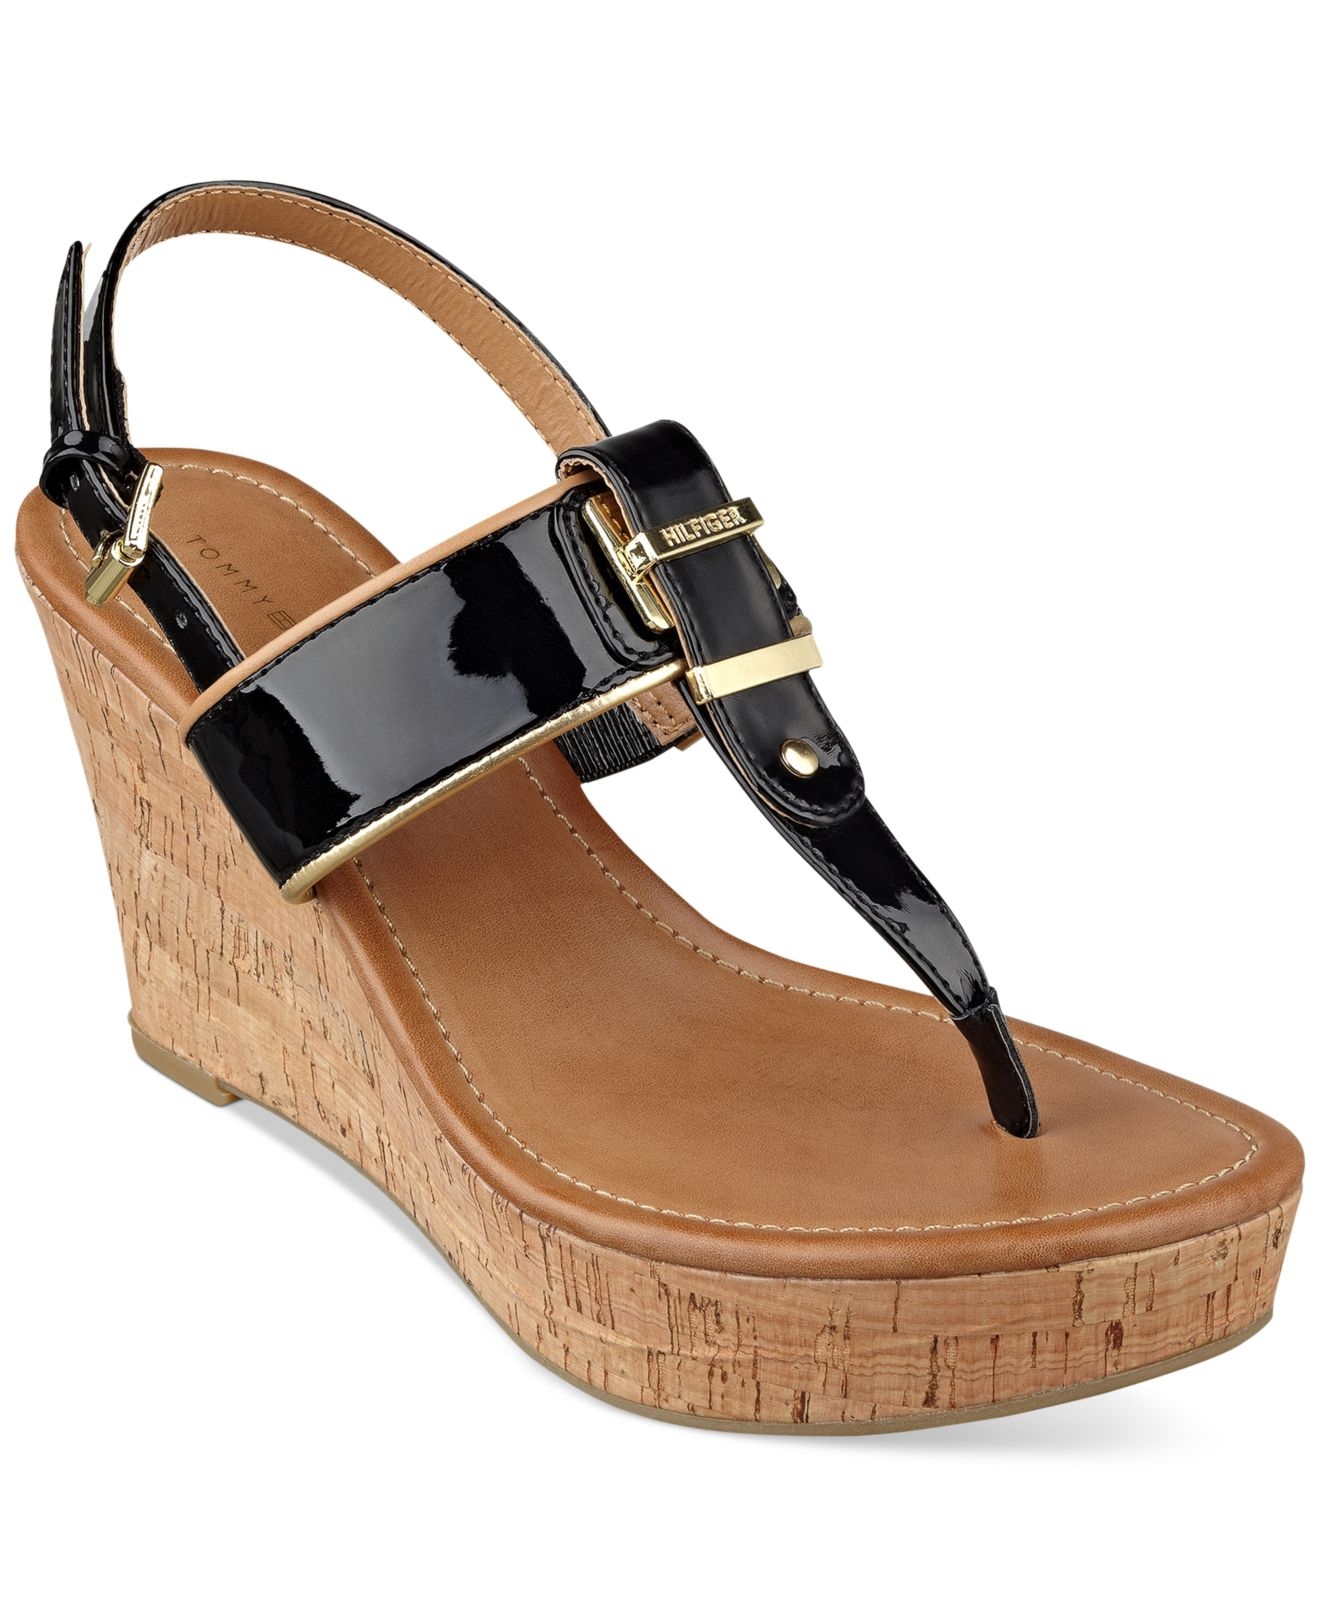 tommy hilfiger maree platform thong wedge sandals in black lyst. Black Bedroom Furniture Sets. Home Design Ideas